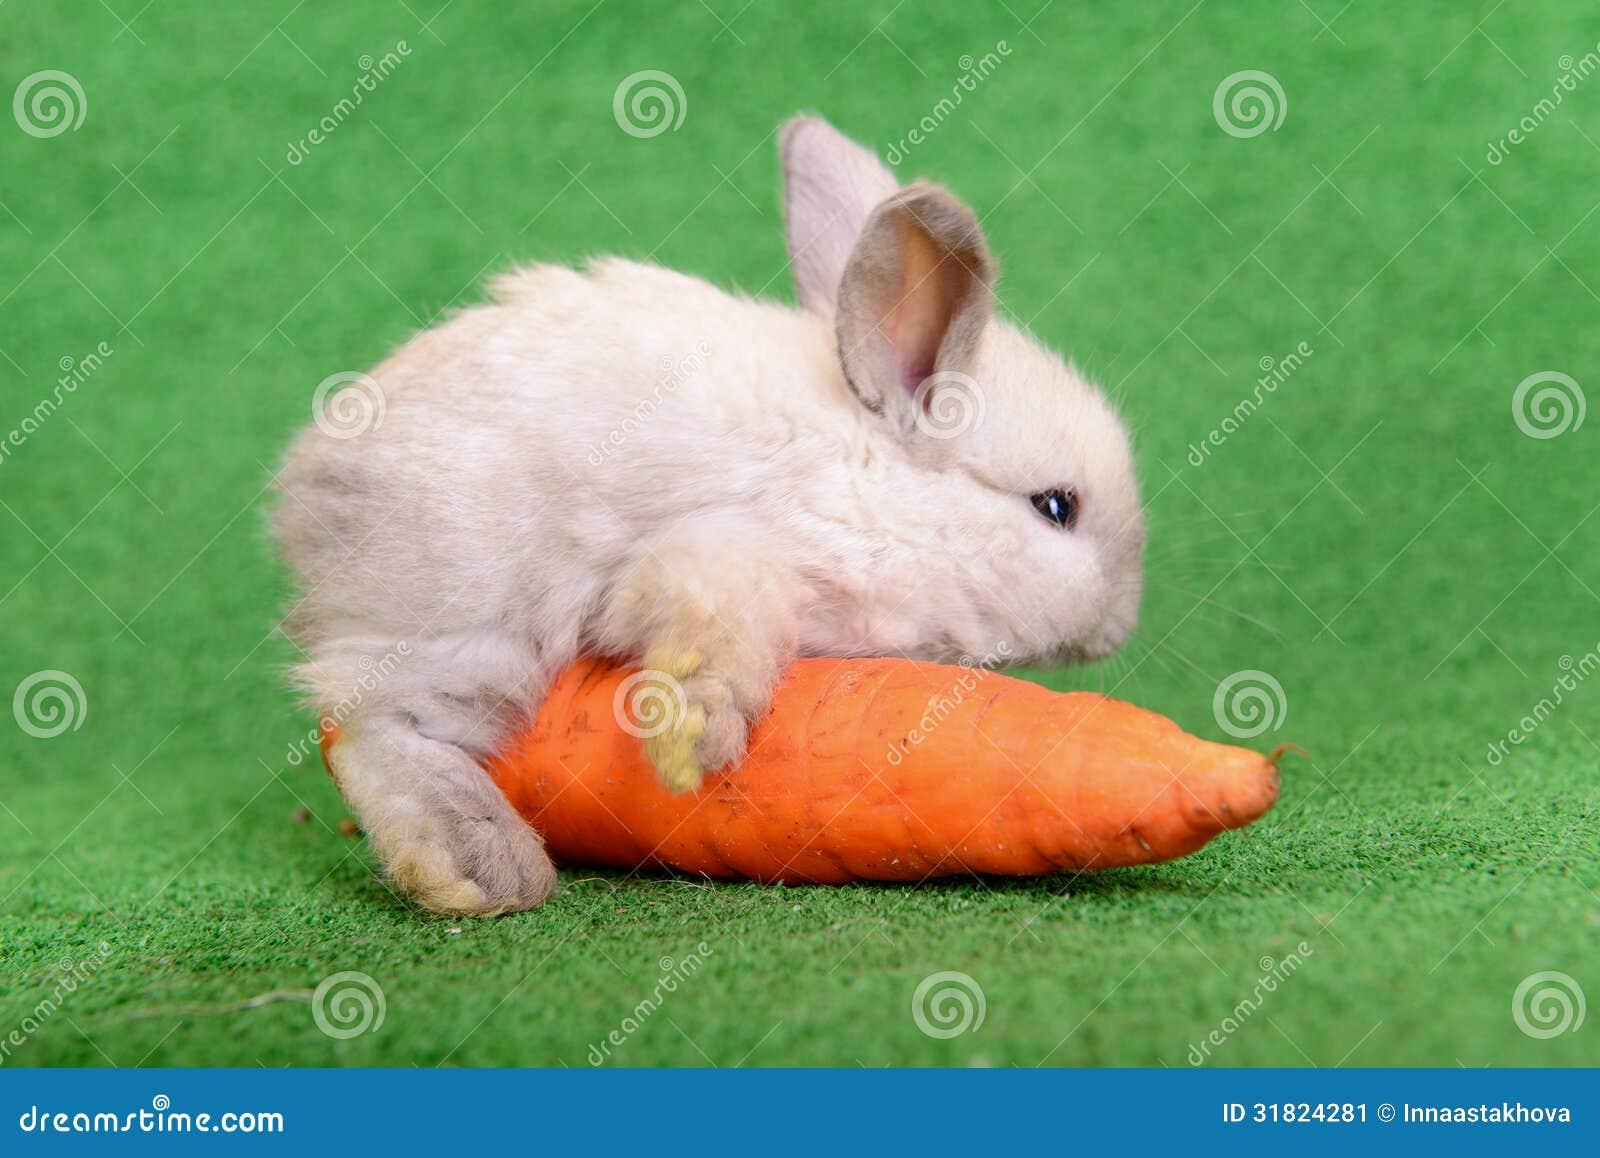 Conejo Con La Zanahoria Imagen De Archivo Imagen De Zanahoria 31824281 No solo es versátil, crujiente y sabrosa, sino que también ayuda a. dreamstime